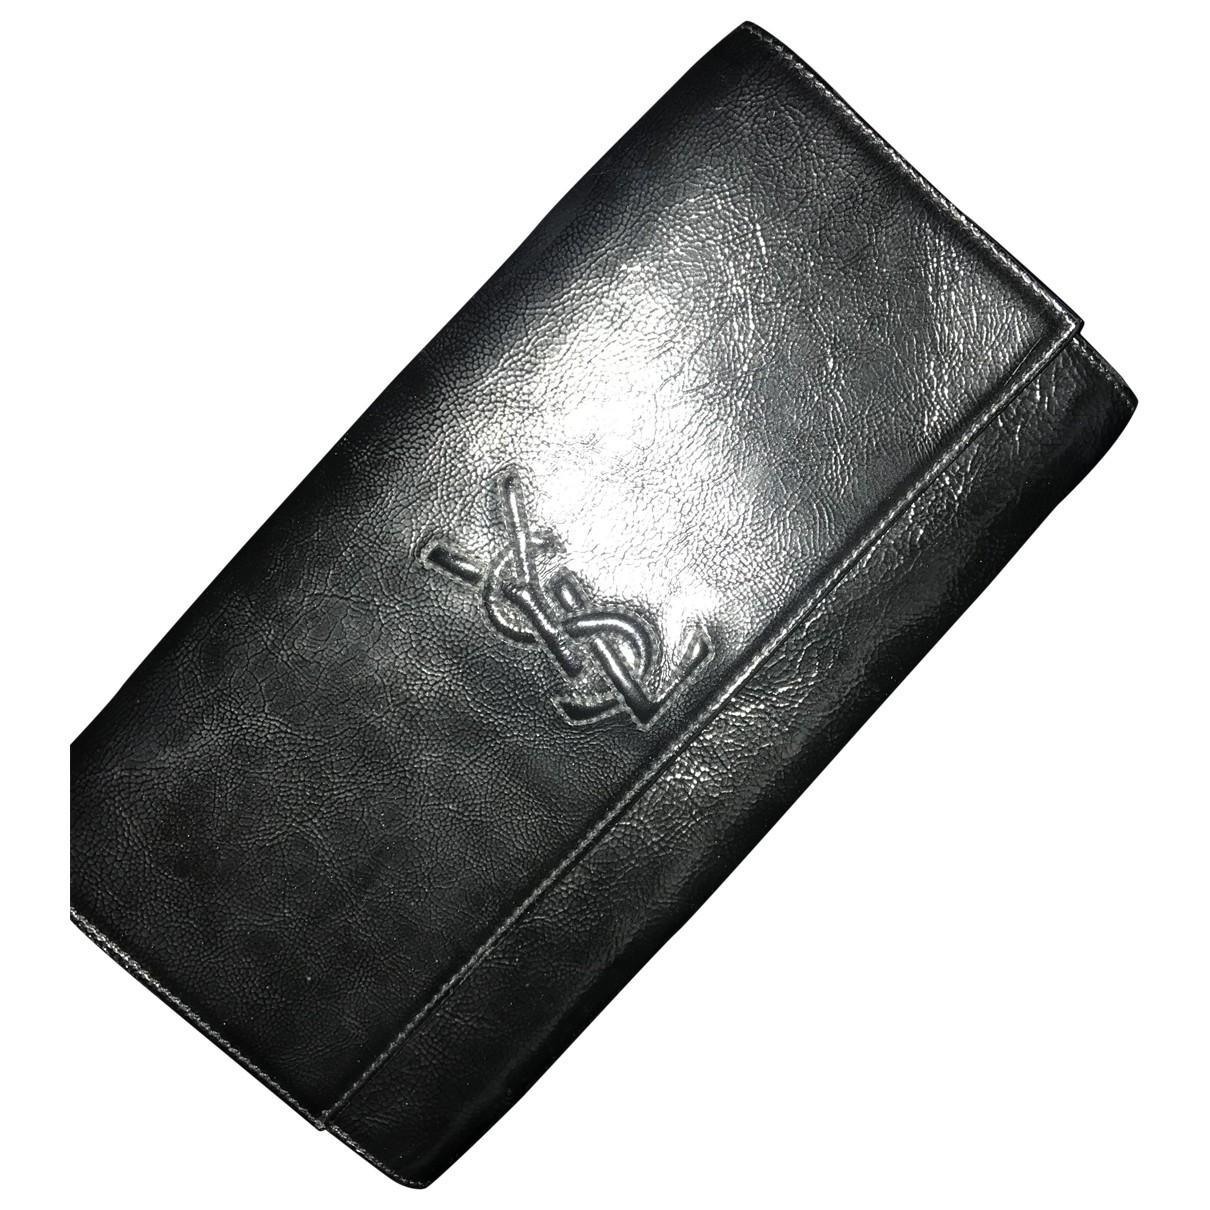 Yves Saint Laurent Belle de Jour Black Leather Clutch bag for Women \N